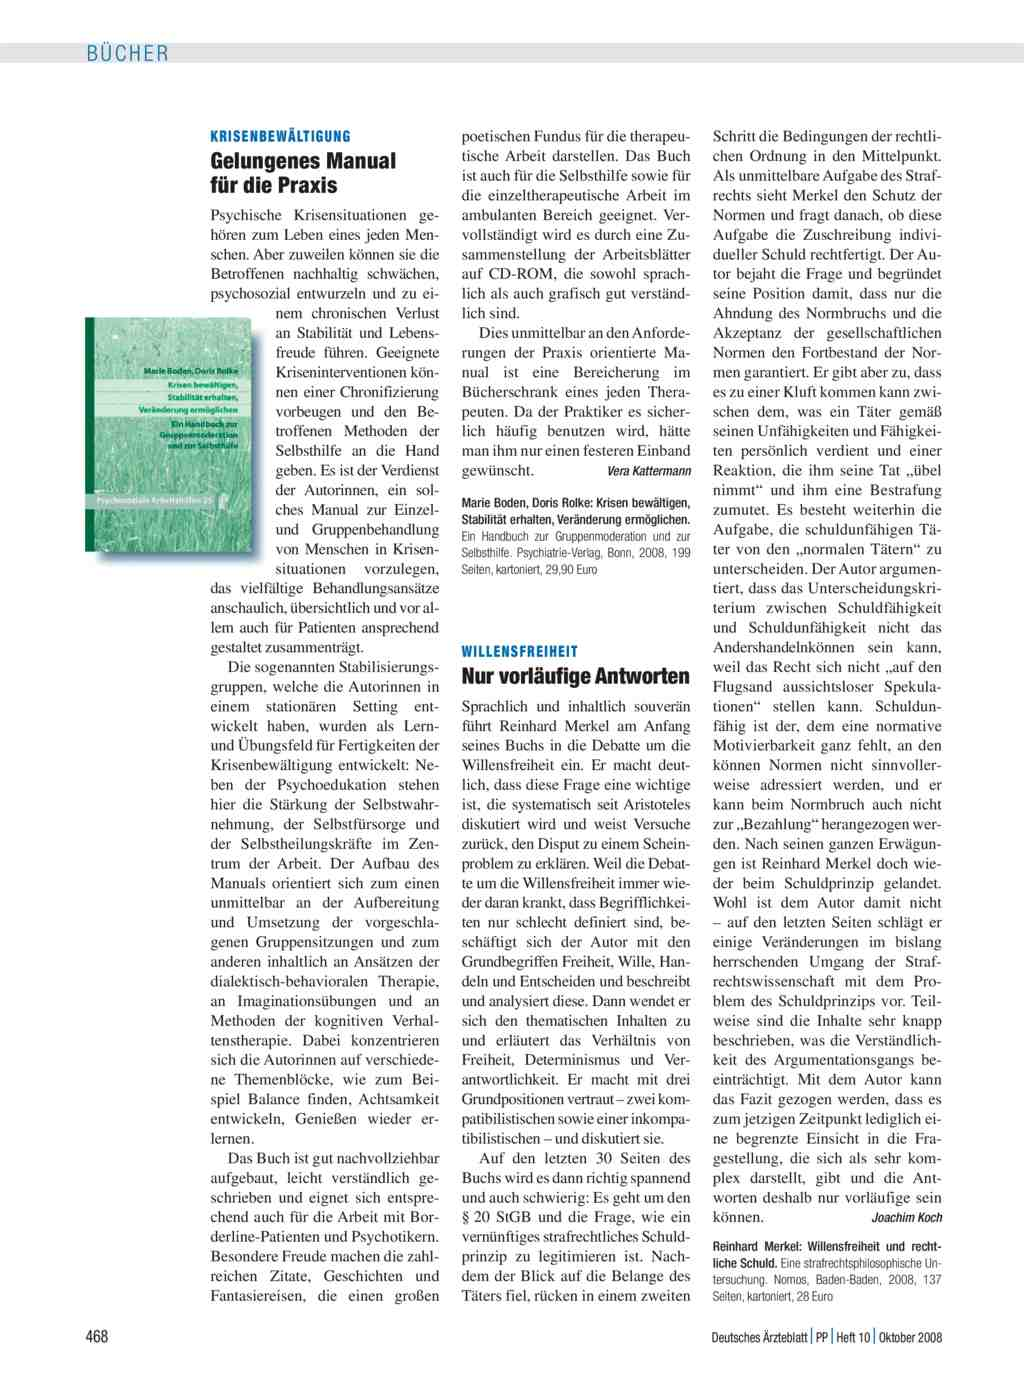 Krisenbewältigung: Gelungenes Manual für die Praxis